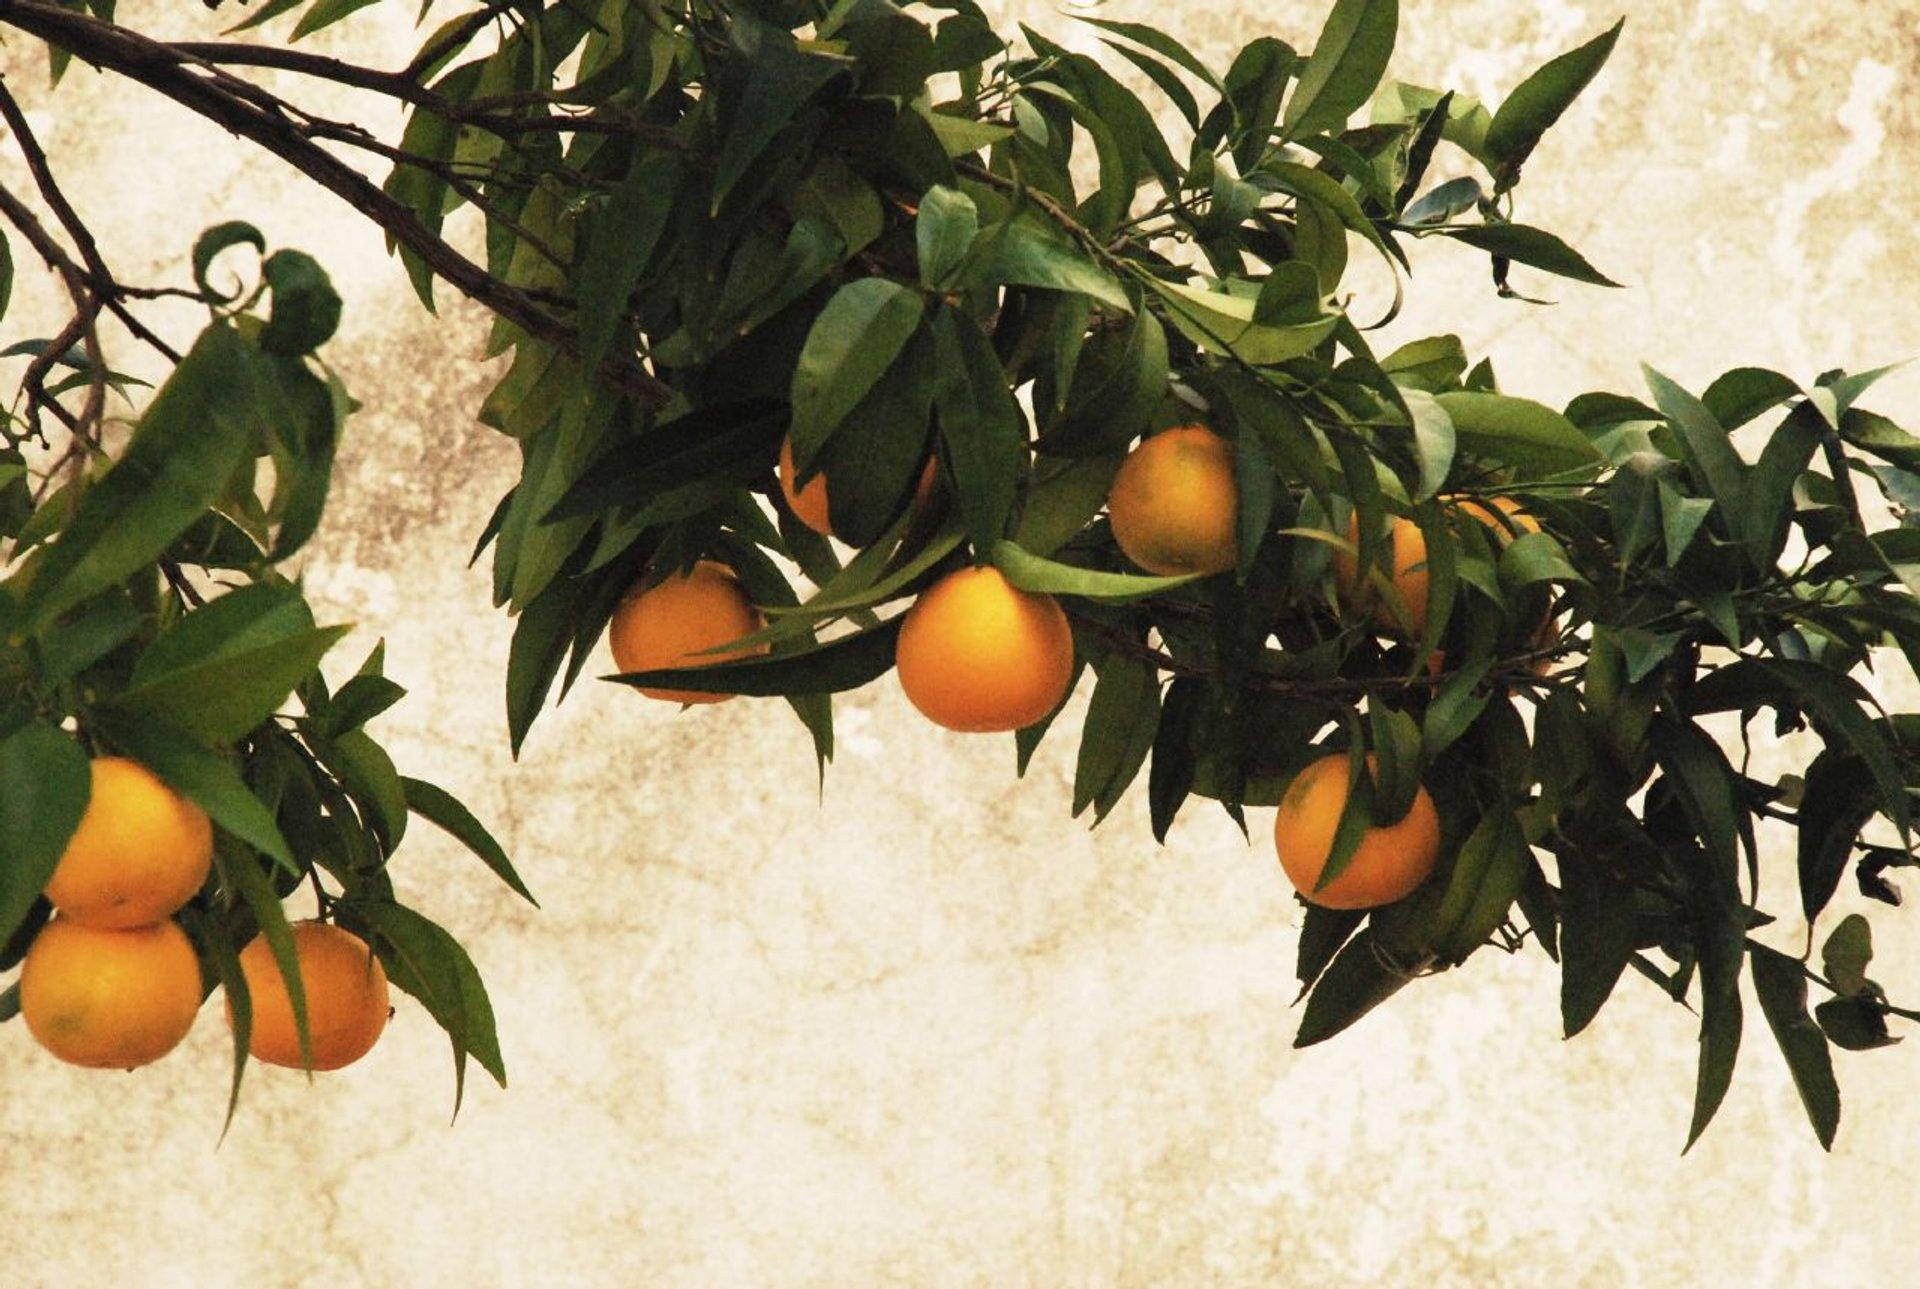 Best time for Orange Harvest in Portugal 2020